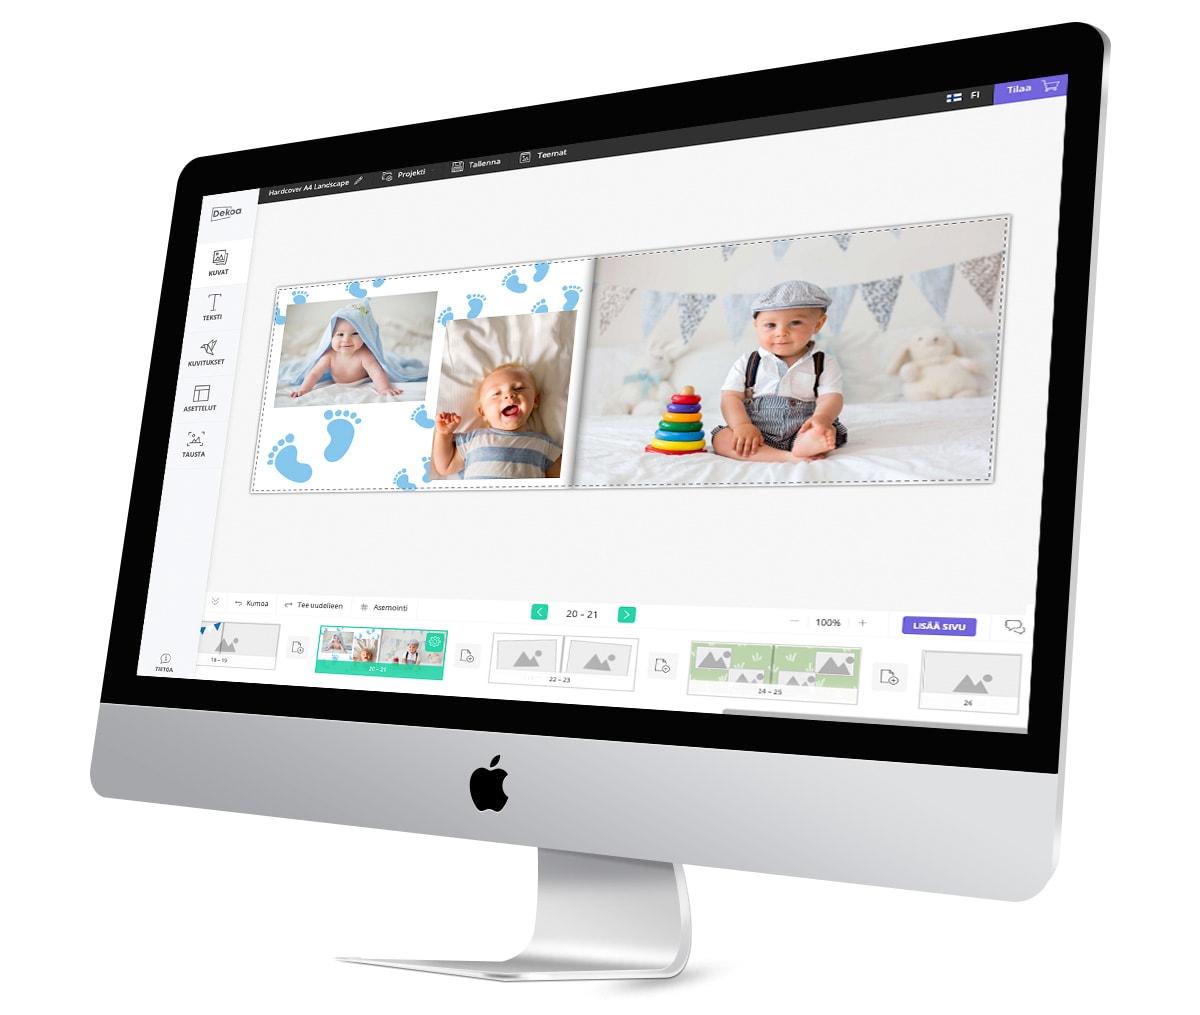 Kuvakirja sovellus, jossa suunnittelu-ohjelma kännykällä ja tietokoneella